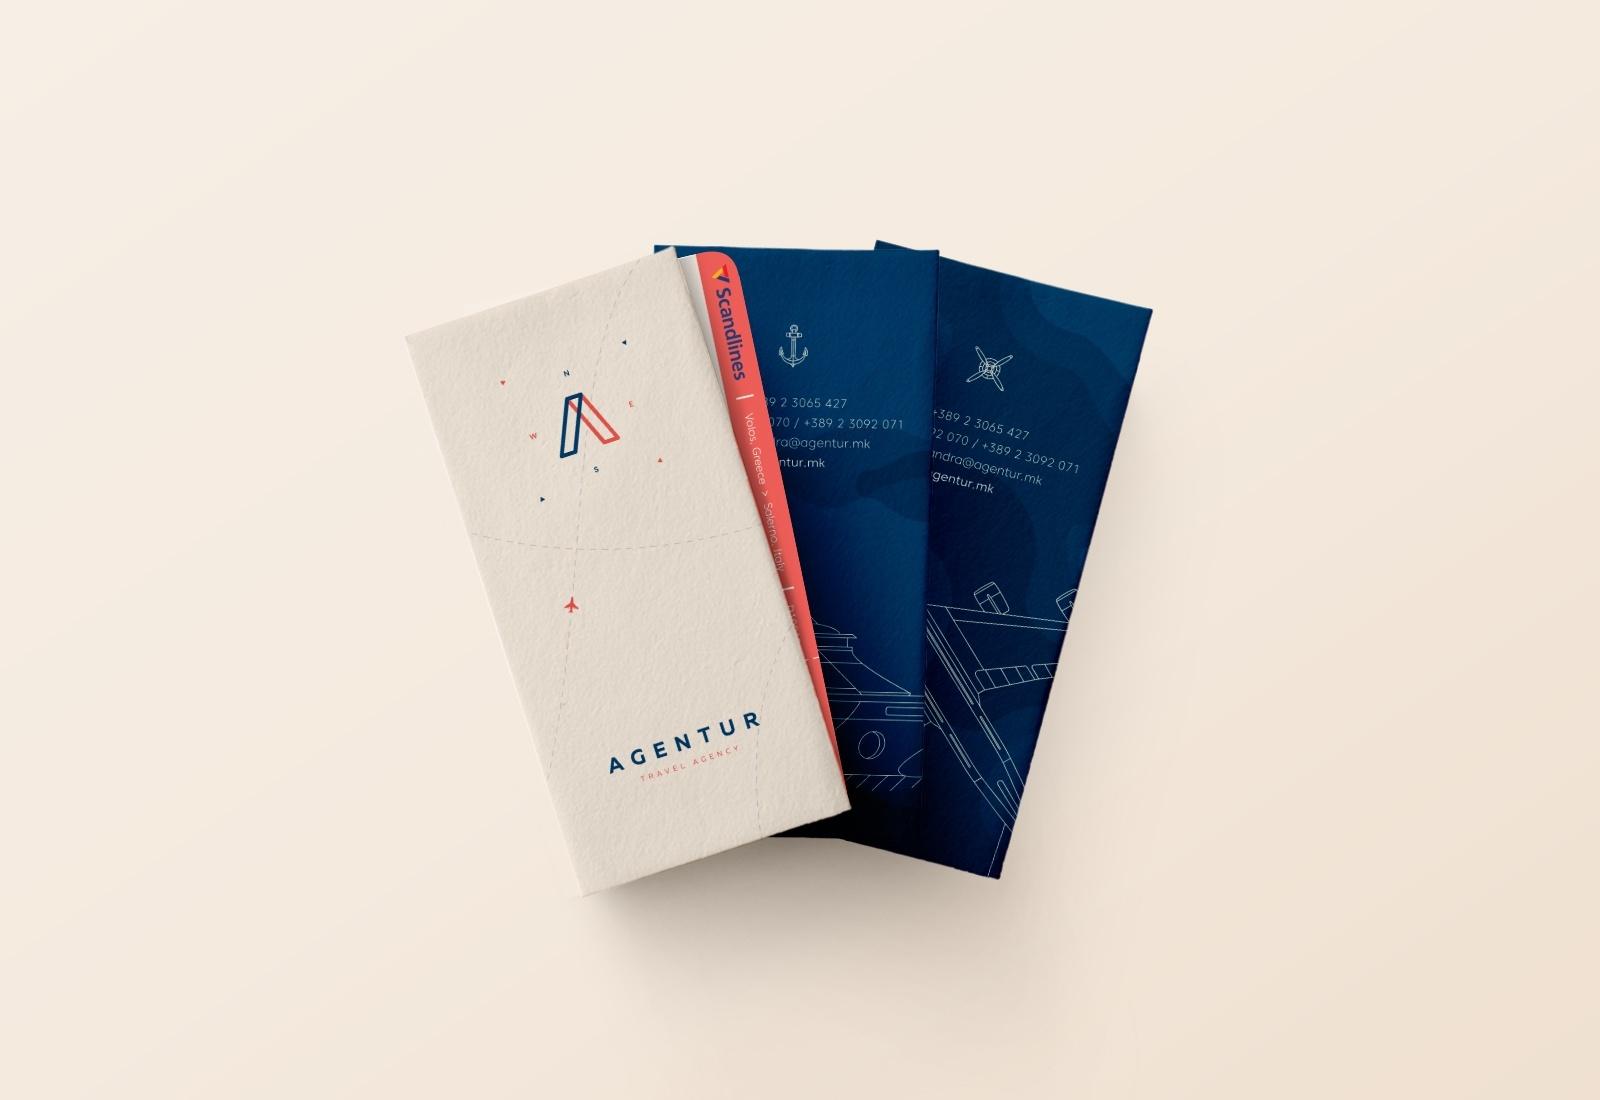 Agentur_Ticketfolder-1